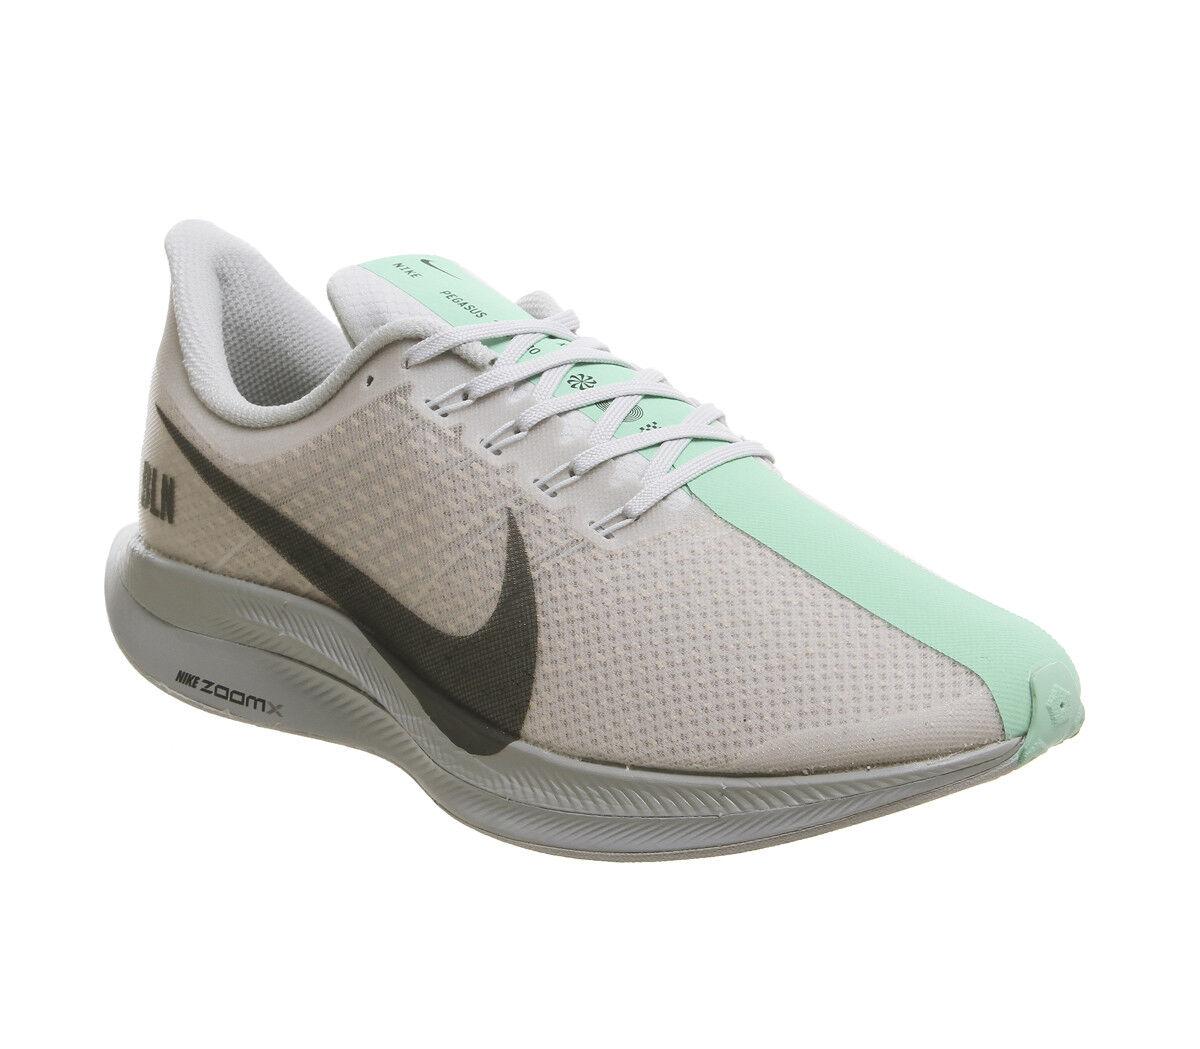 Nike zoom pegasus turbo aus platin anthrazit emerald aufstieg aufstieg aufstieg cremefarbene 0f4241